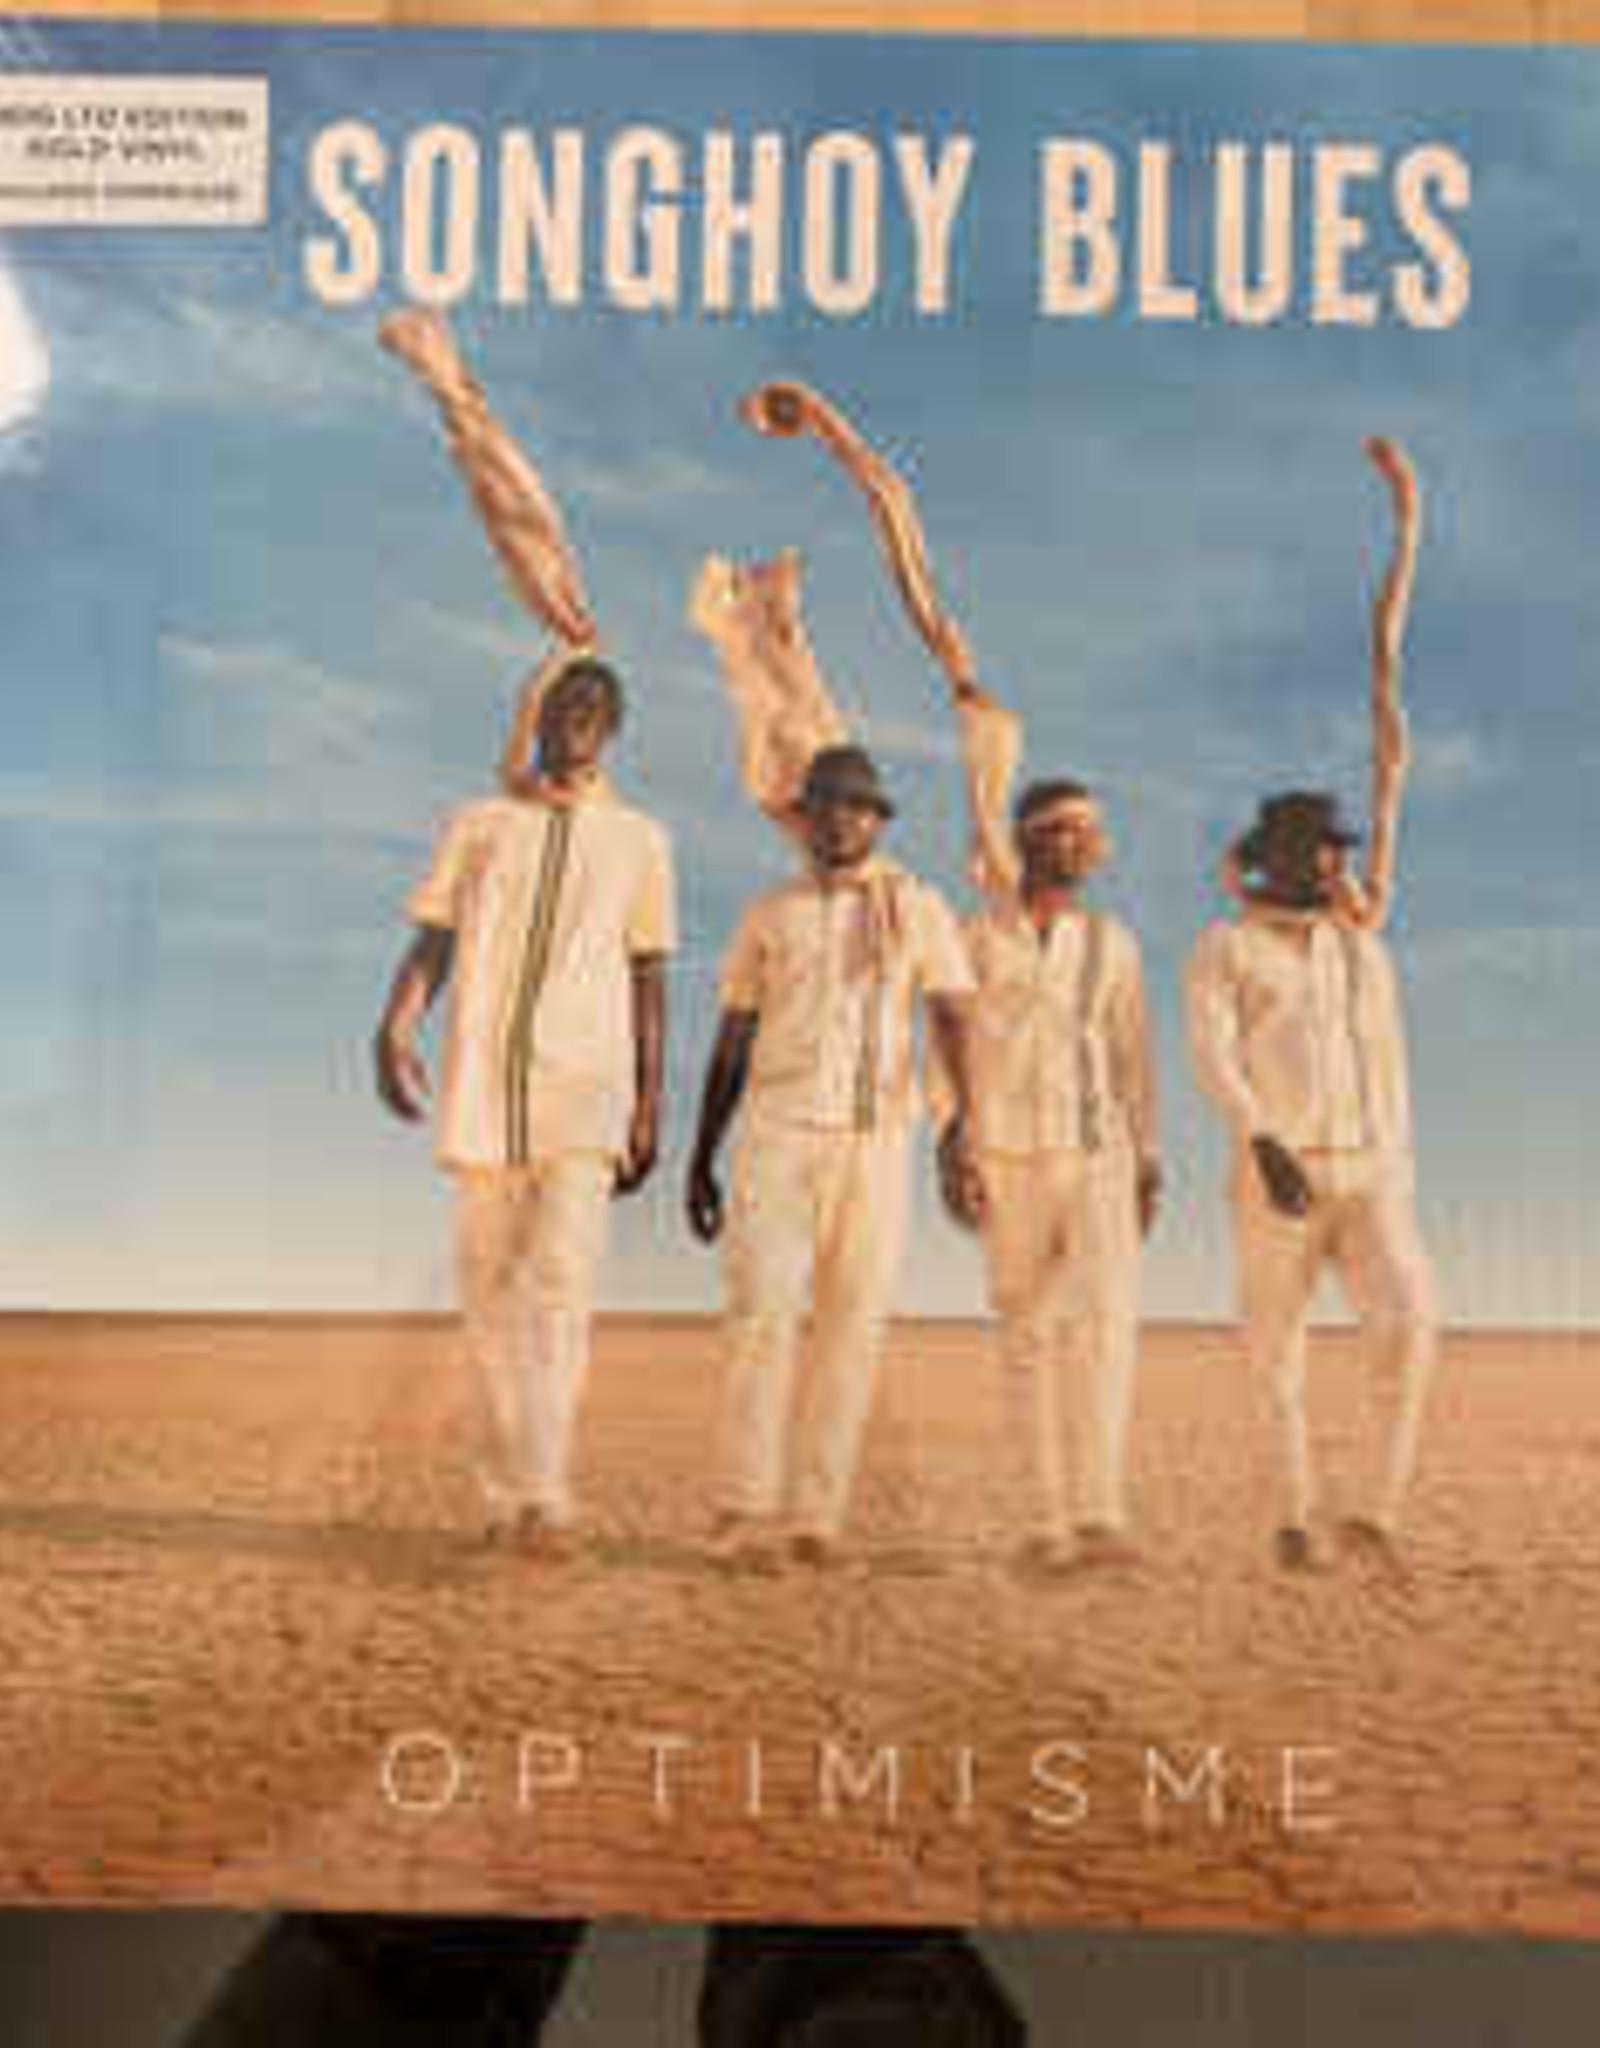 Songhoy Blues - Optimisme - Gold Vinyl